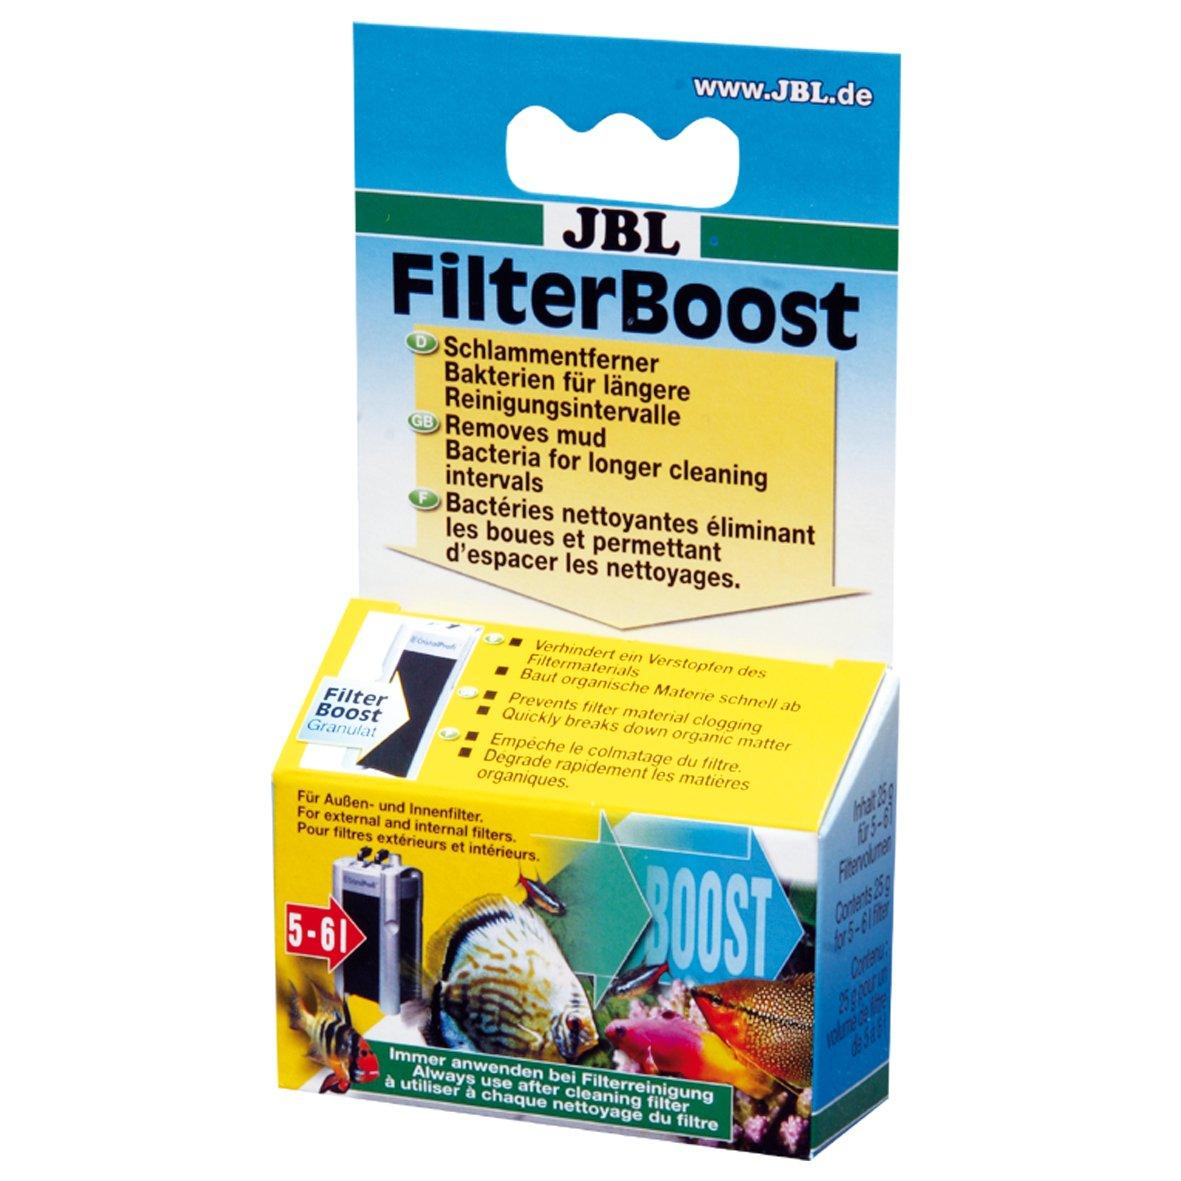 JBL FilterBoost, Bactéries pour optimiser la performance du filtre des aquariums d'eau douce et d'eau de mer 25192